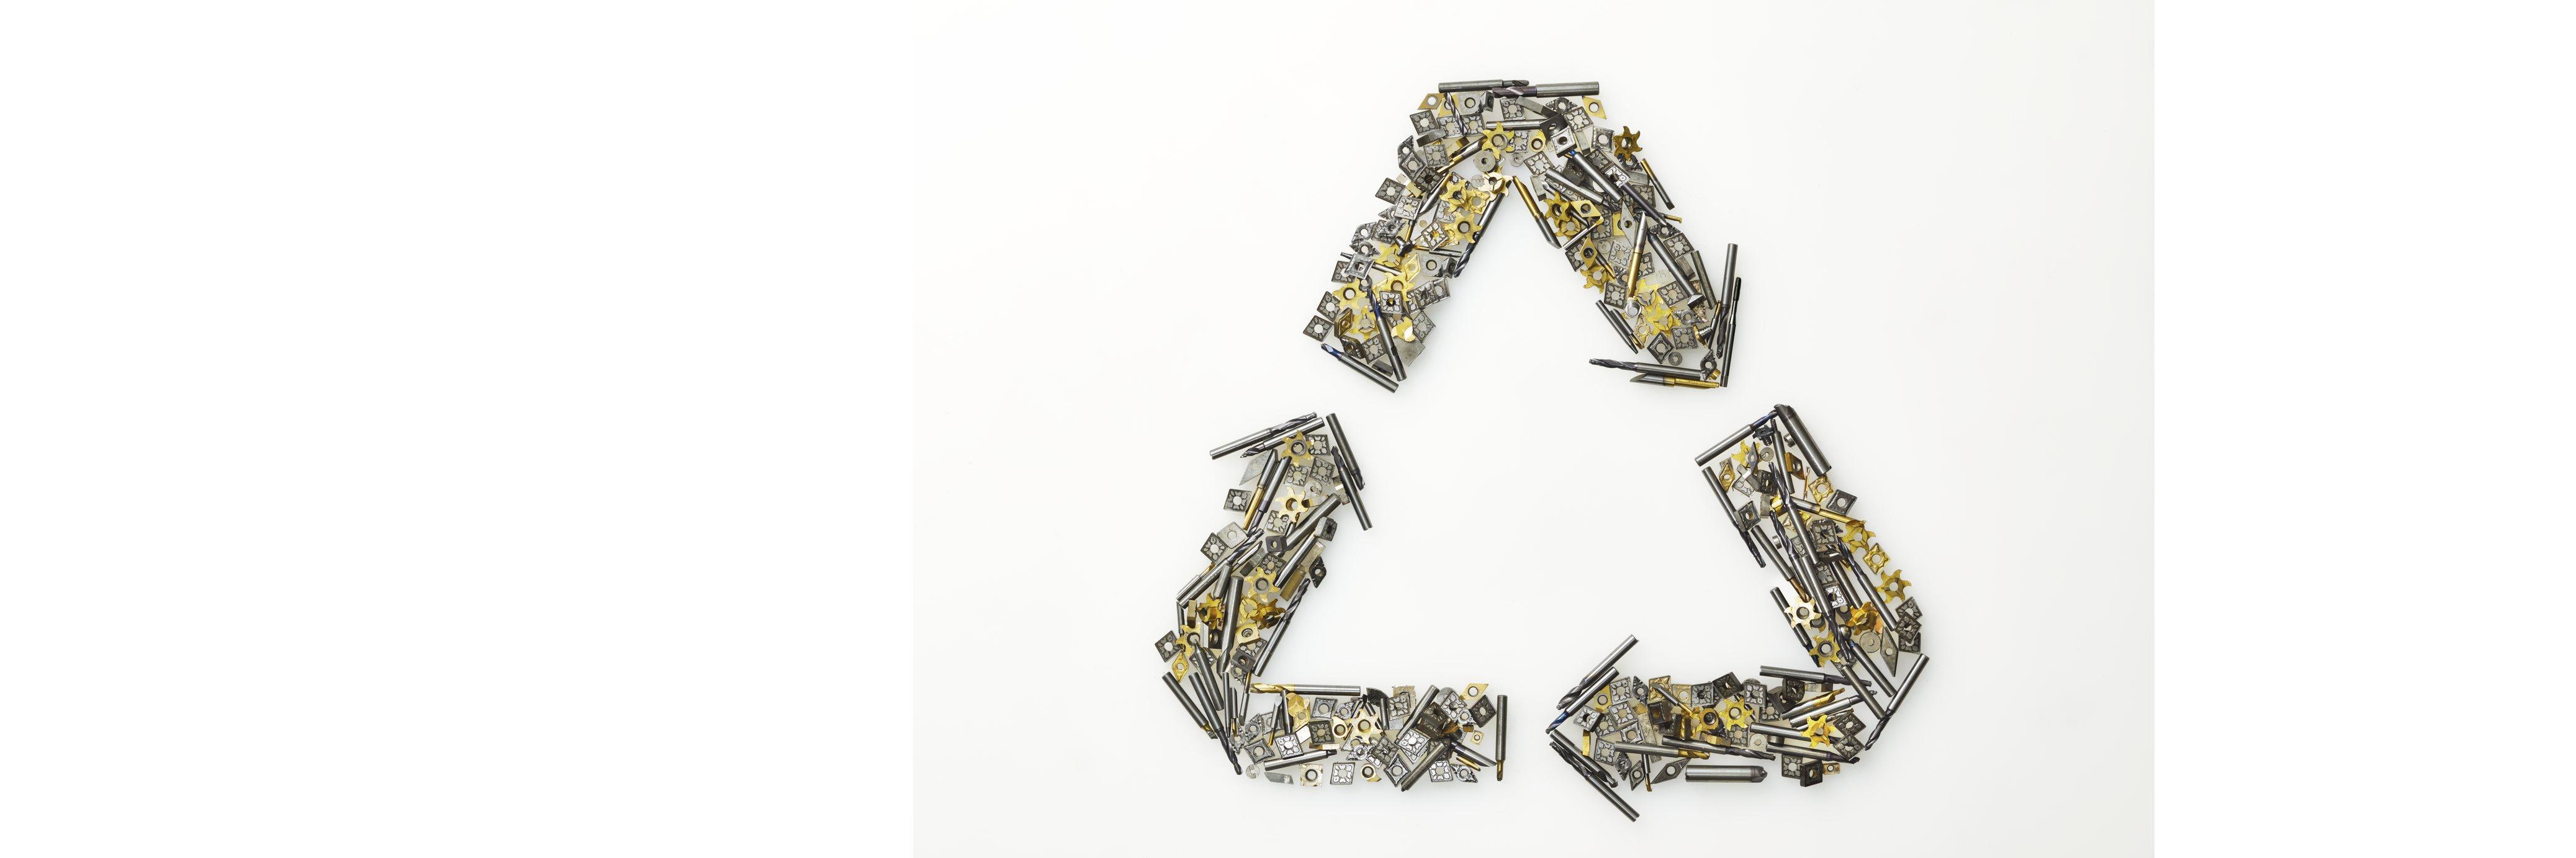 HQ_IMG 2020 Recycling Shooting 02.tif